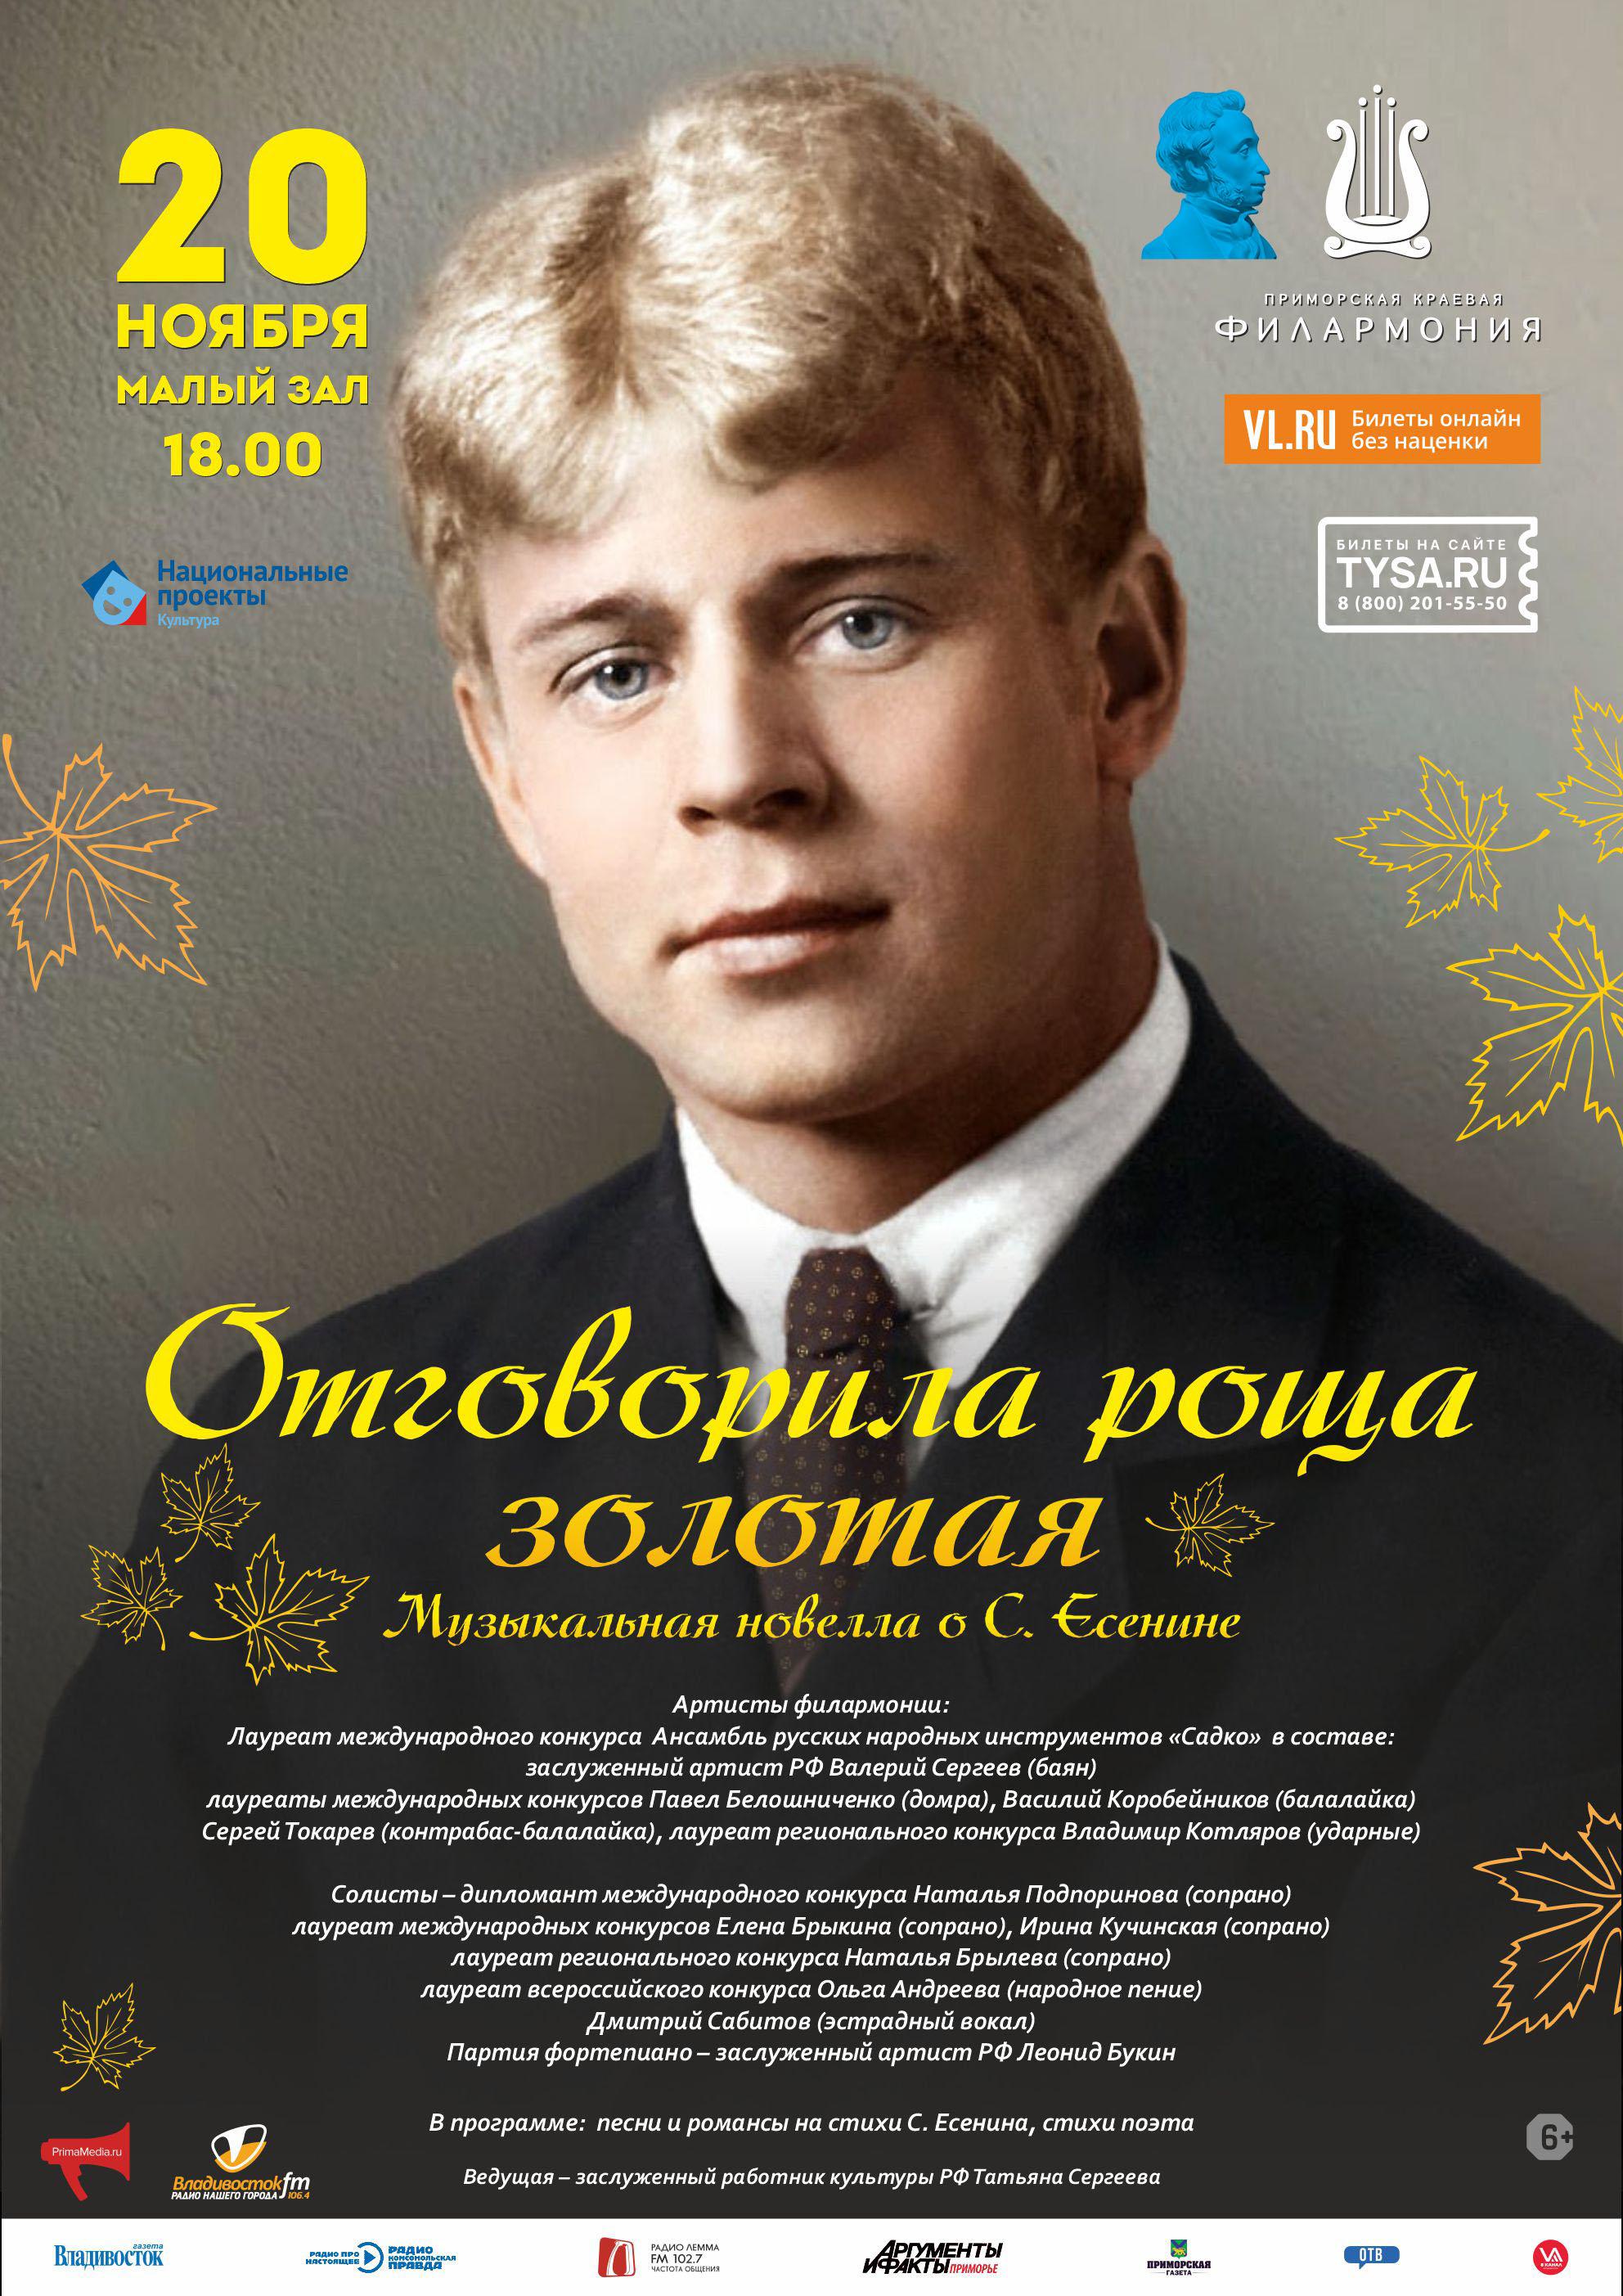 20 ноябряКонцертная программа «Отговорила роща золотая…» Музыкальная новелла о С. Есенине